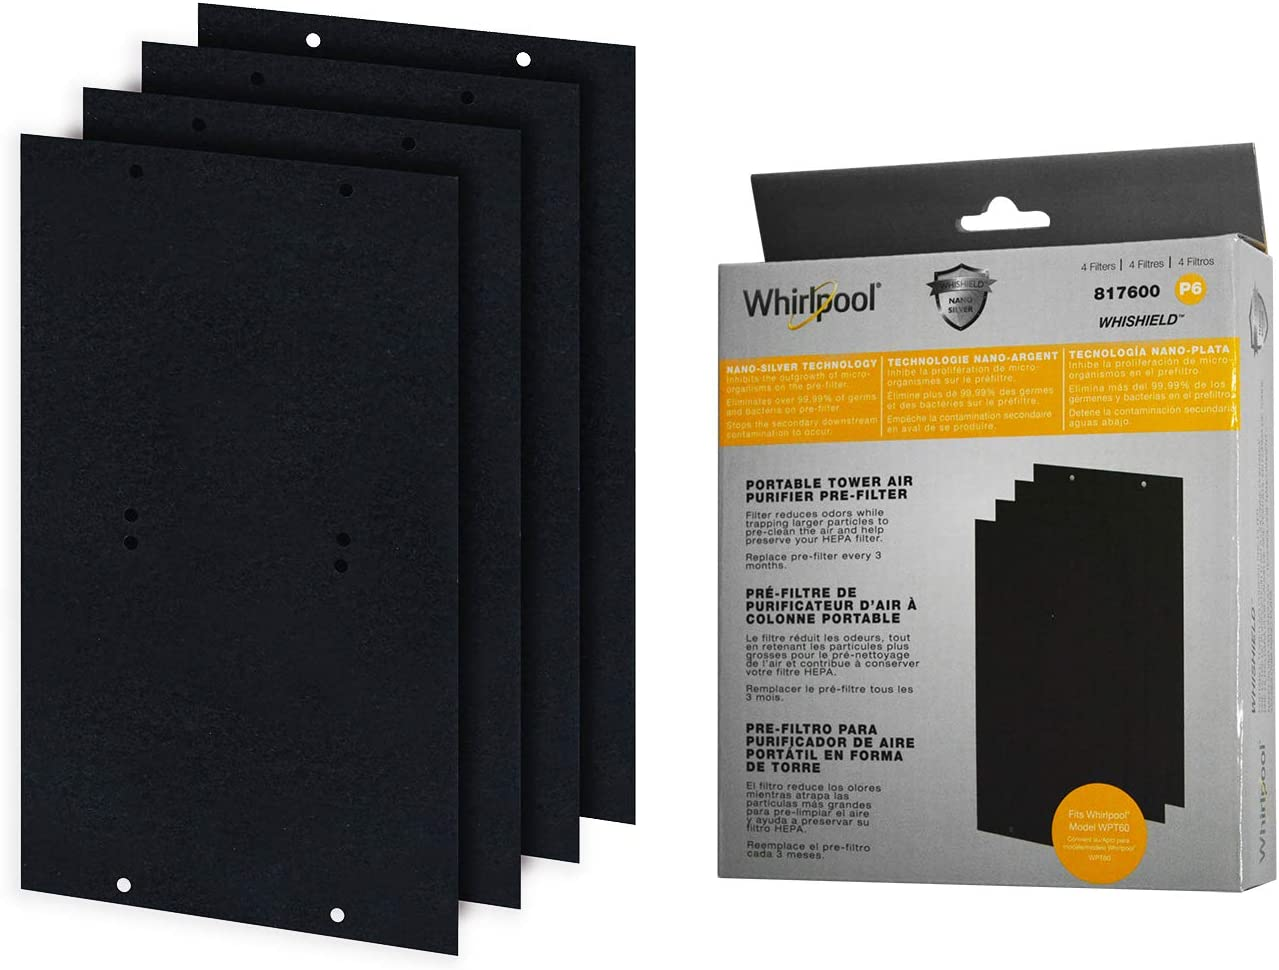 Whirlpool 817600 Genuino carbón pre-Filtro – Whishield Antimicrobial Activado – Repuesto Fit purificador de Aire portátil Torre WPT60, Mediano – 4 Unidades: Amazon.es: Hogar